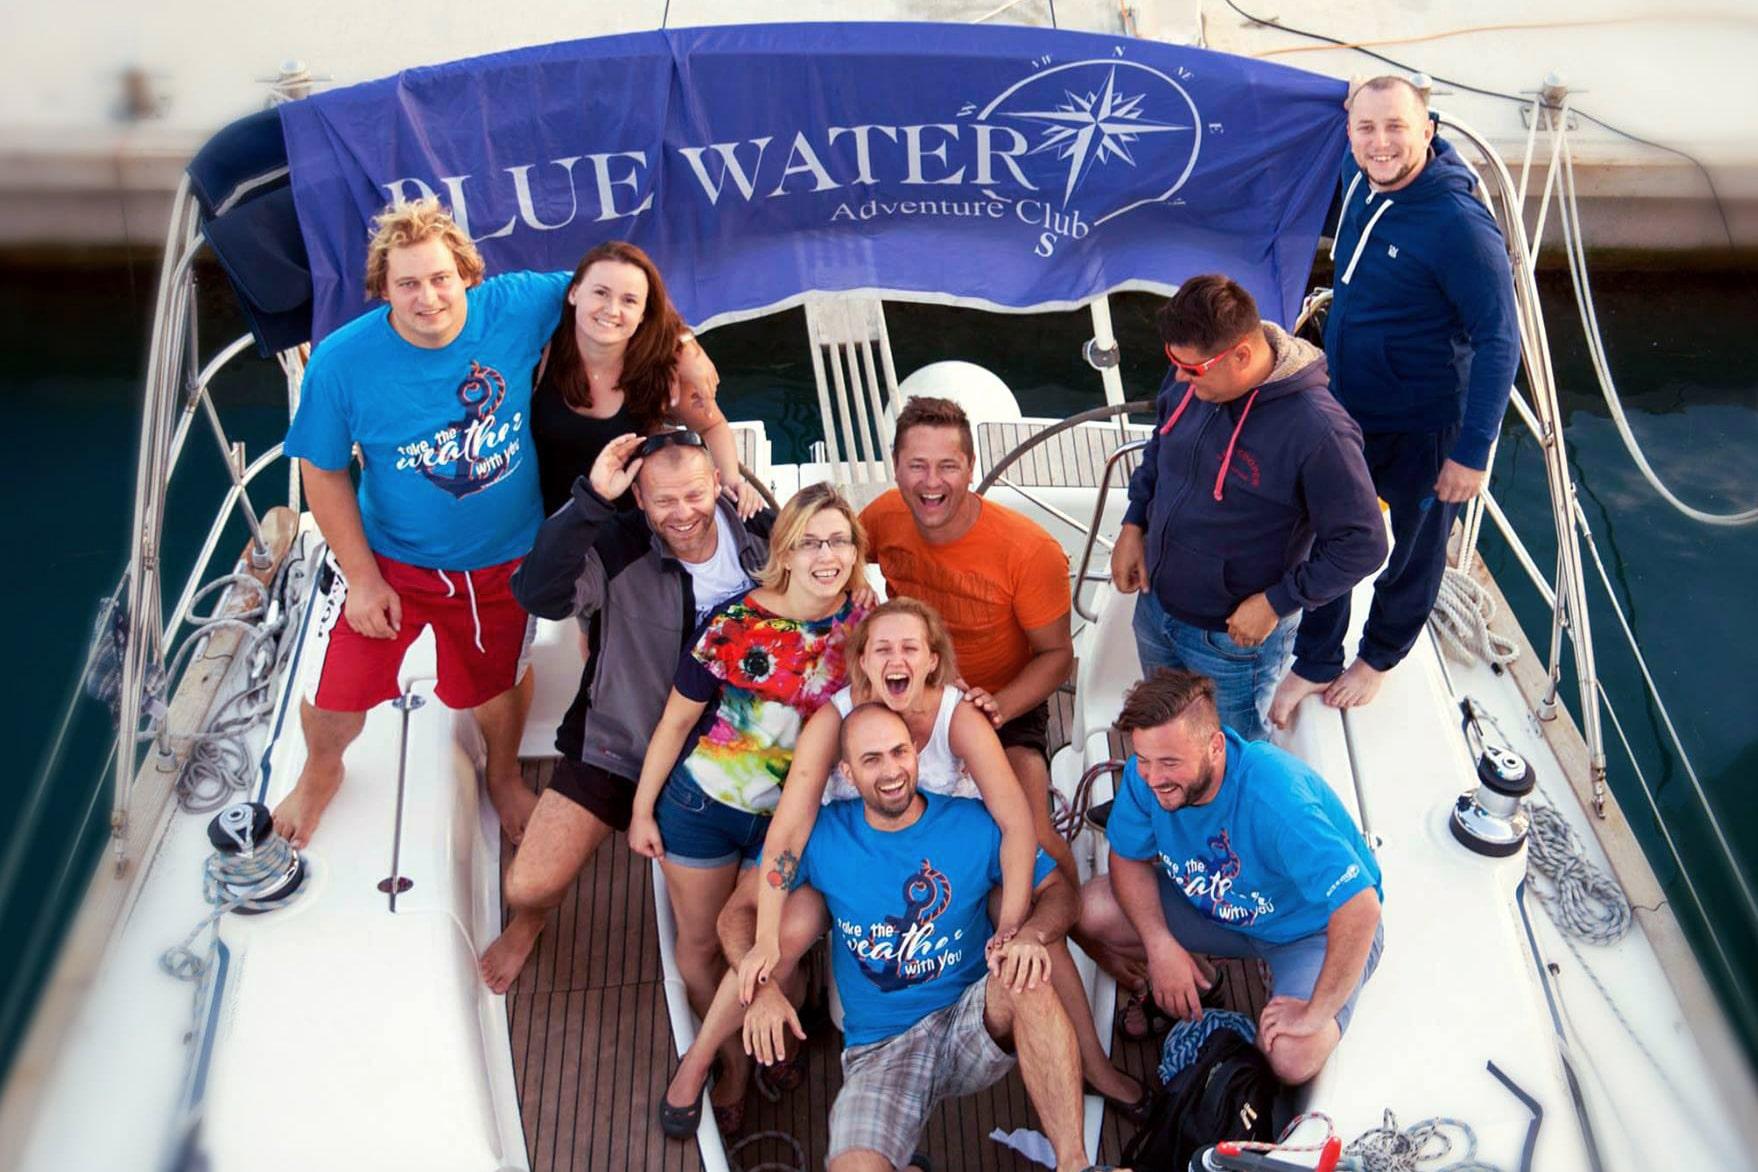 Ekipa podczas rejsu morskiego z Blue Water Club